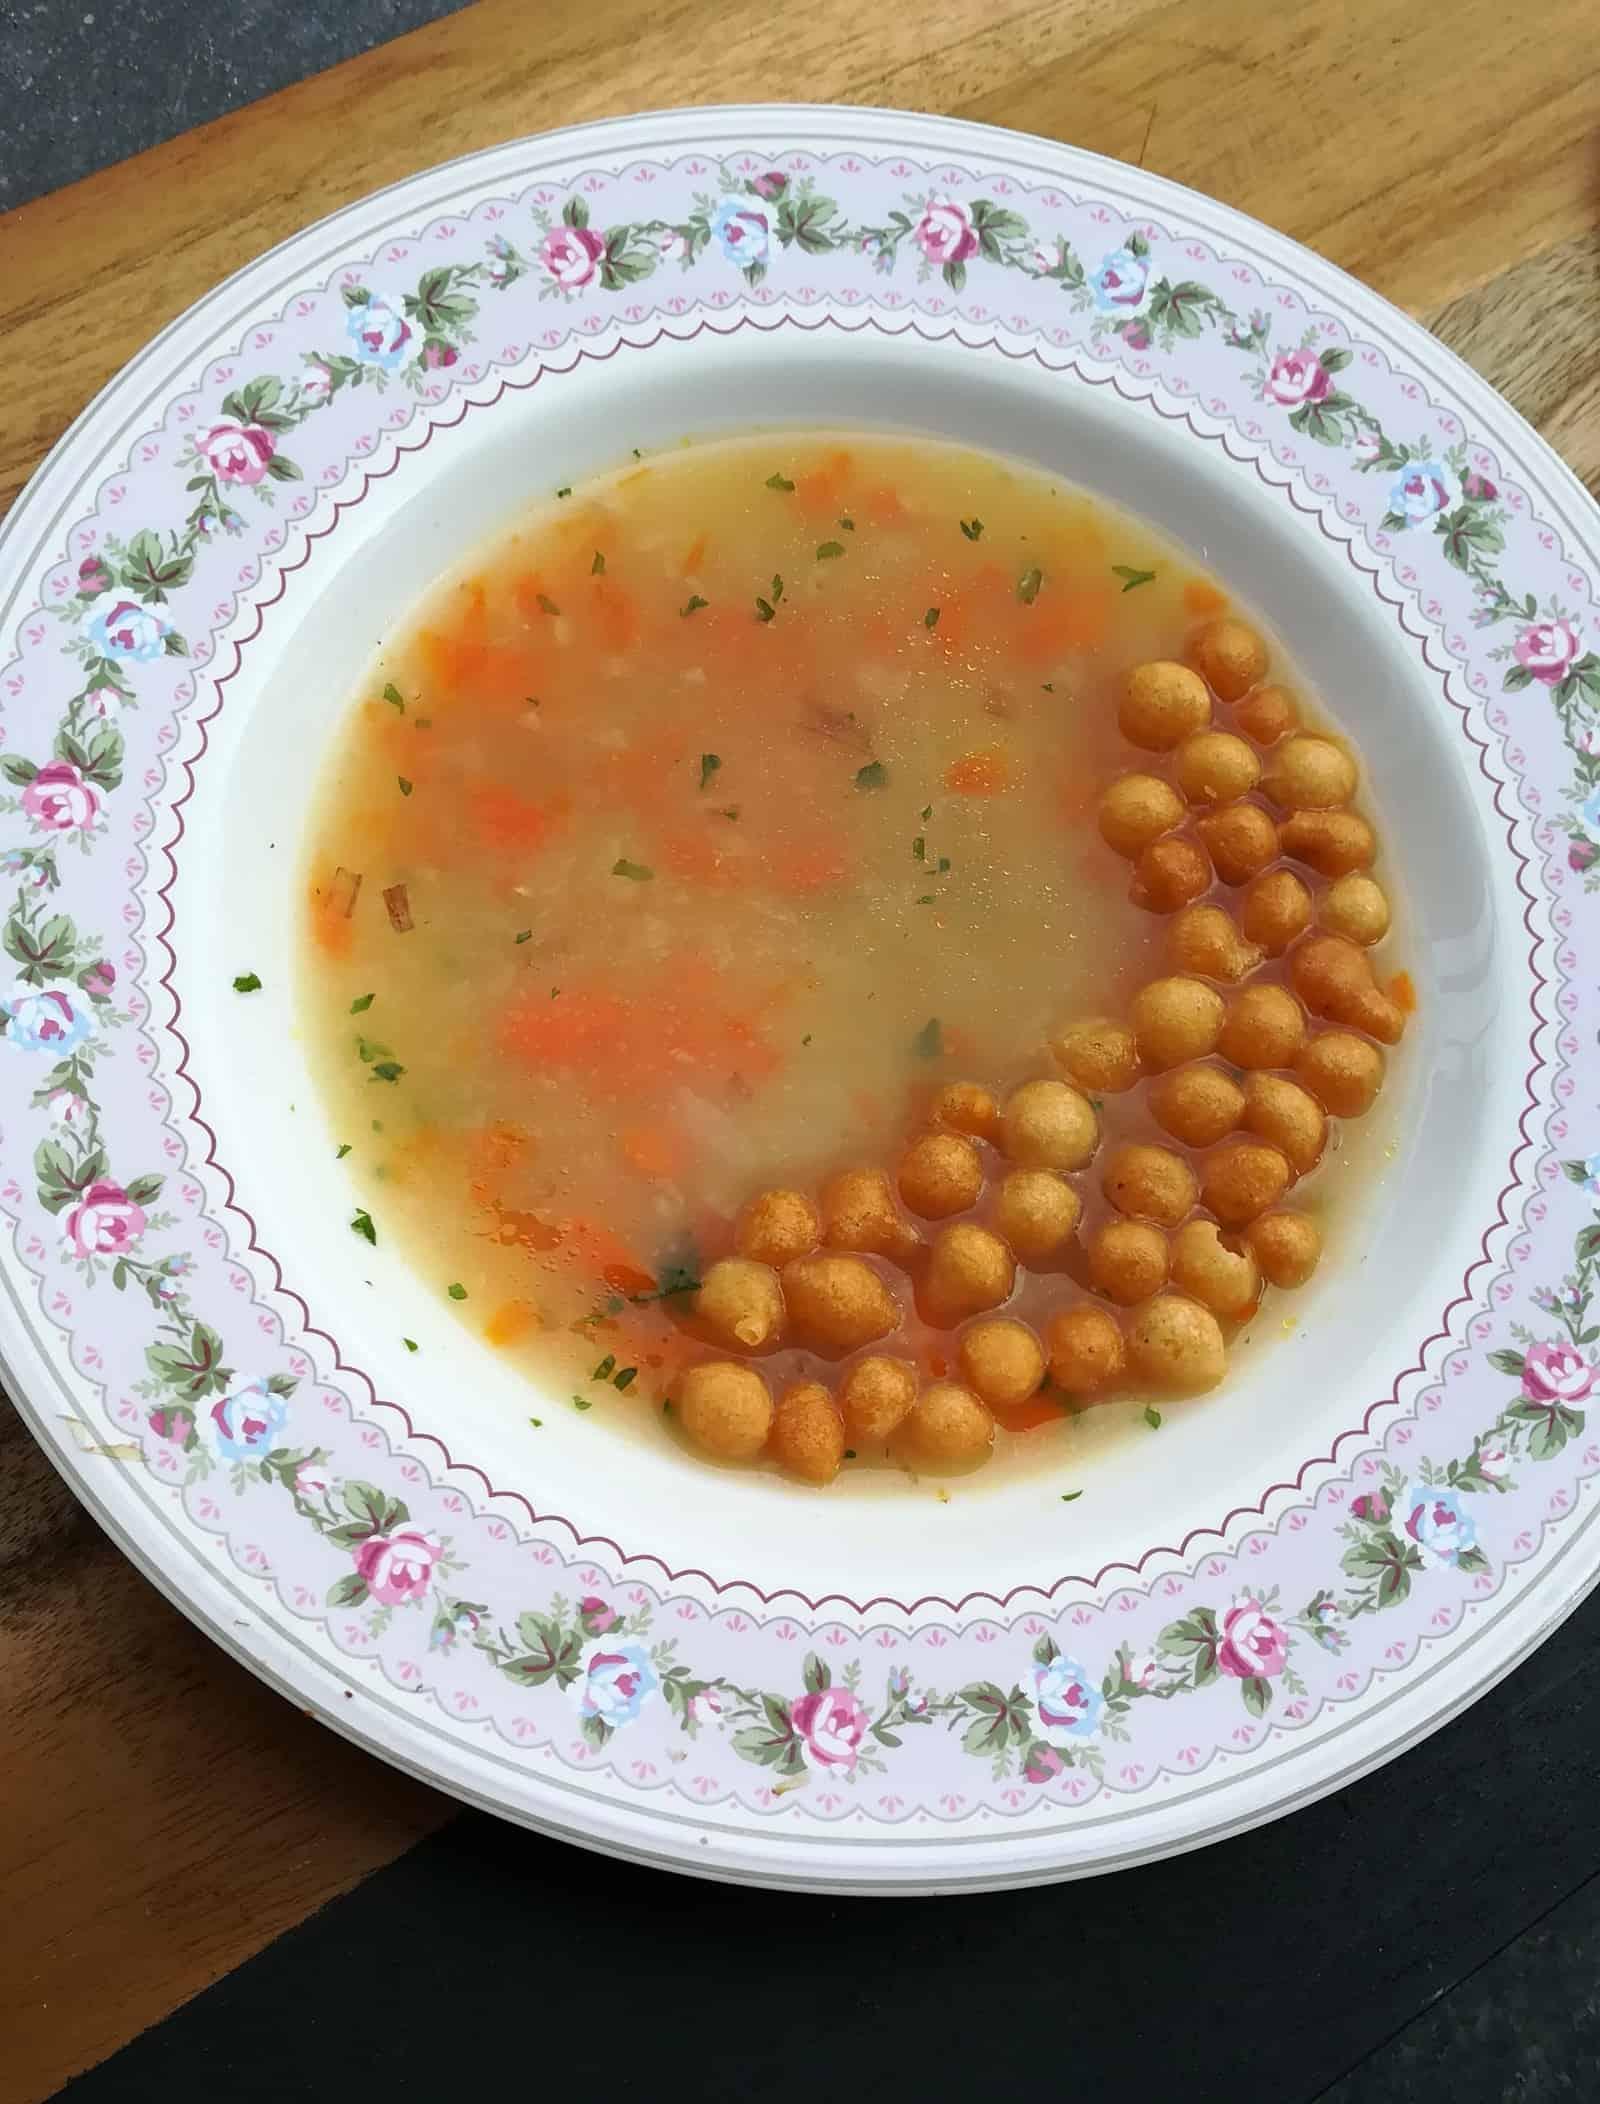 Karelábová polievka s vločkami